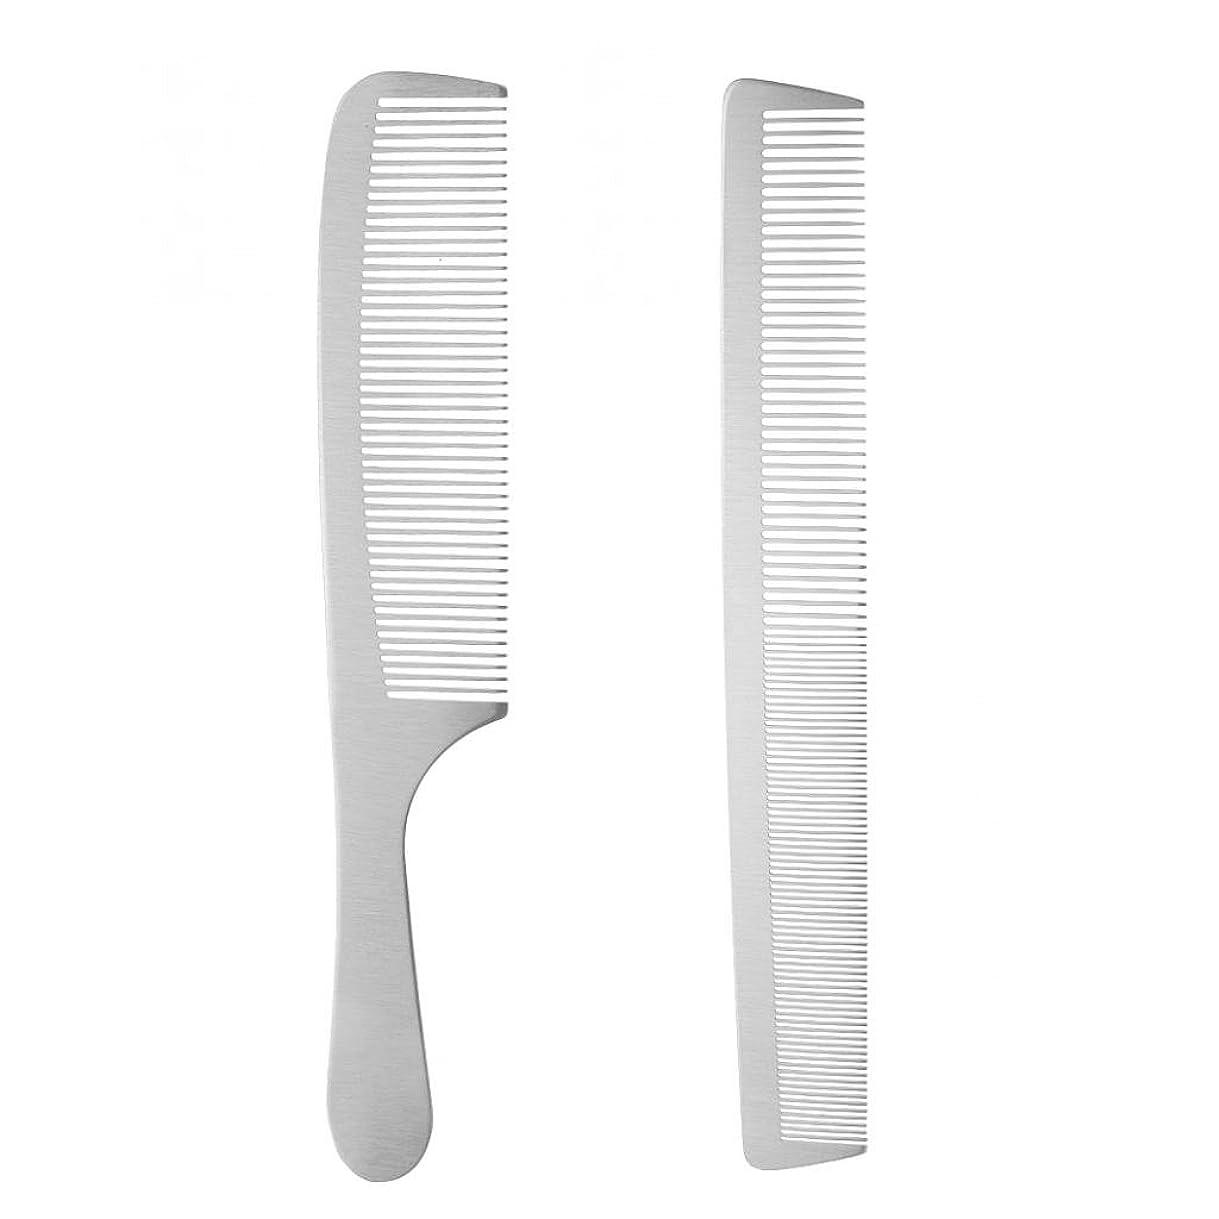 トラフィックアルファベット内側Baosity 2個 ヘアスタイリング ヘアカットコーム 櫛 ヘアブラシ ステンレス鋼 サロン 理髪師 カッティング 耐久性 耐熱性